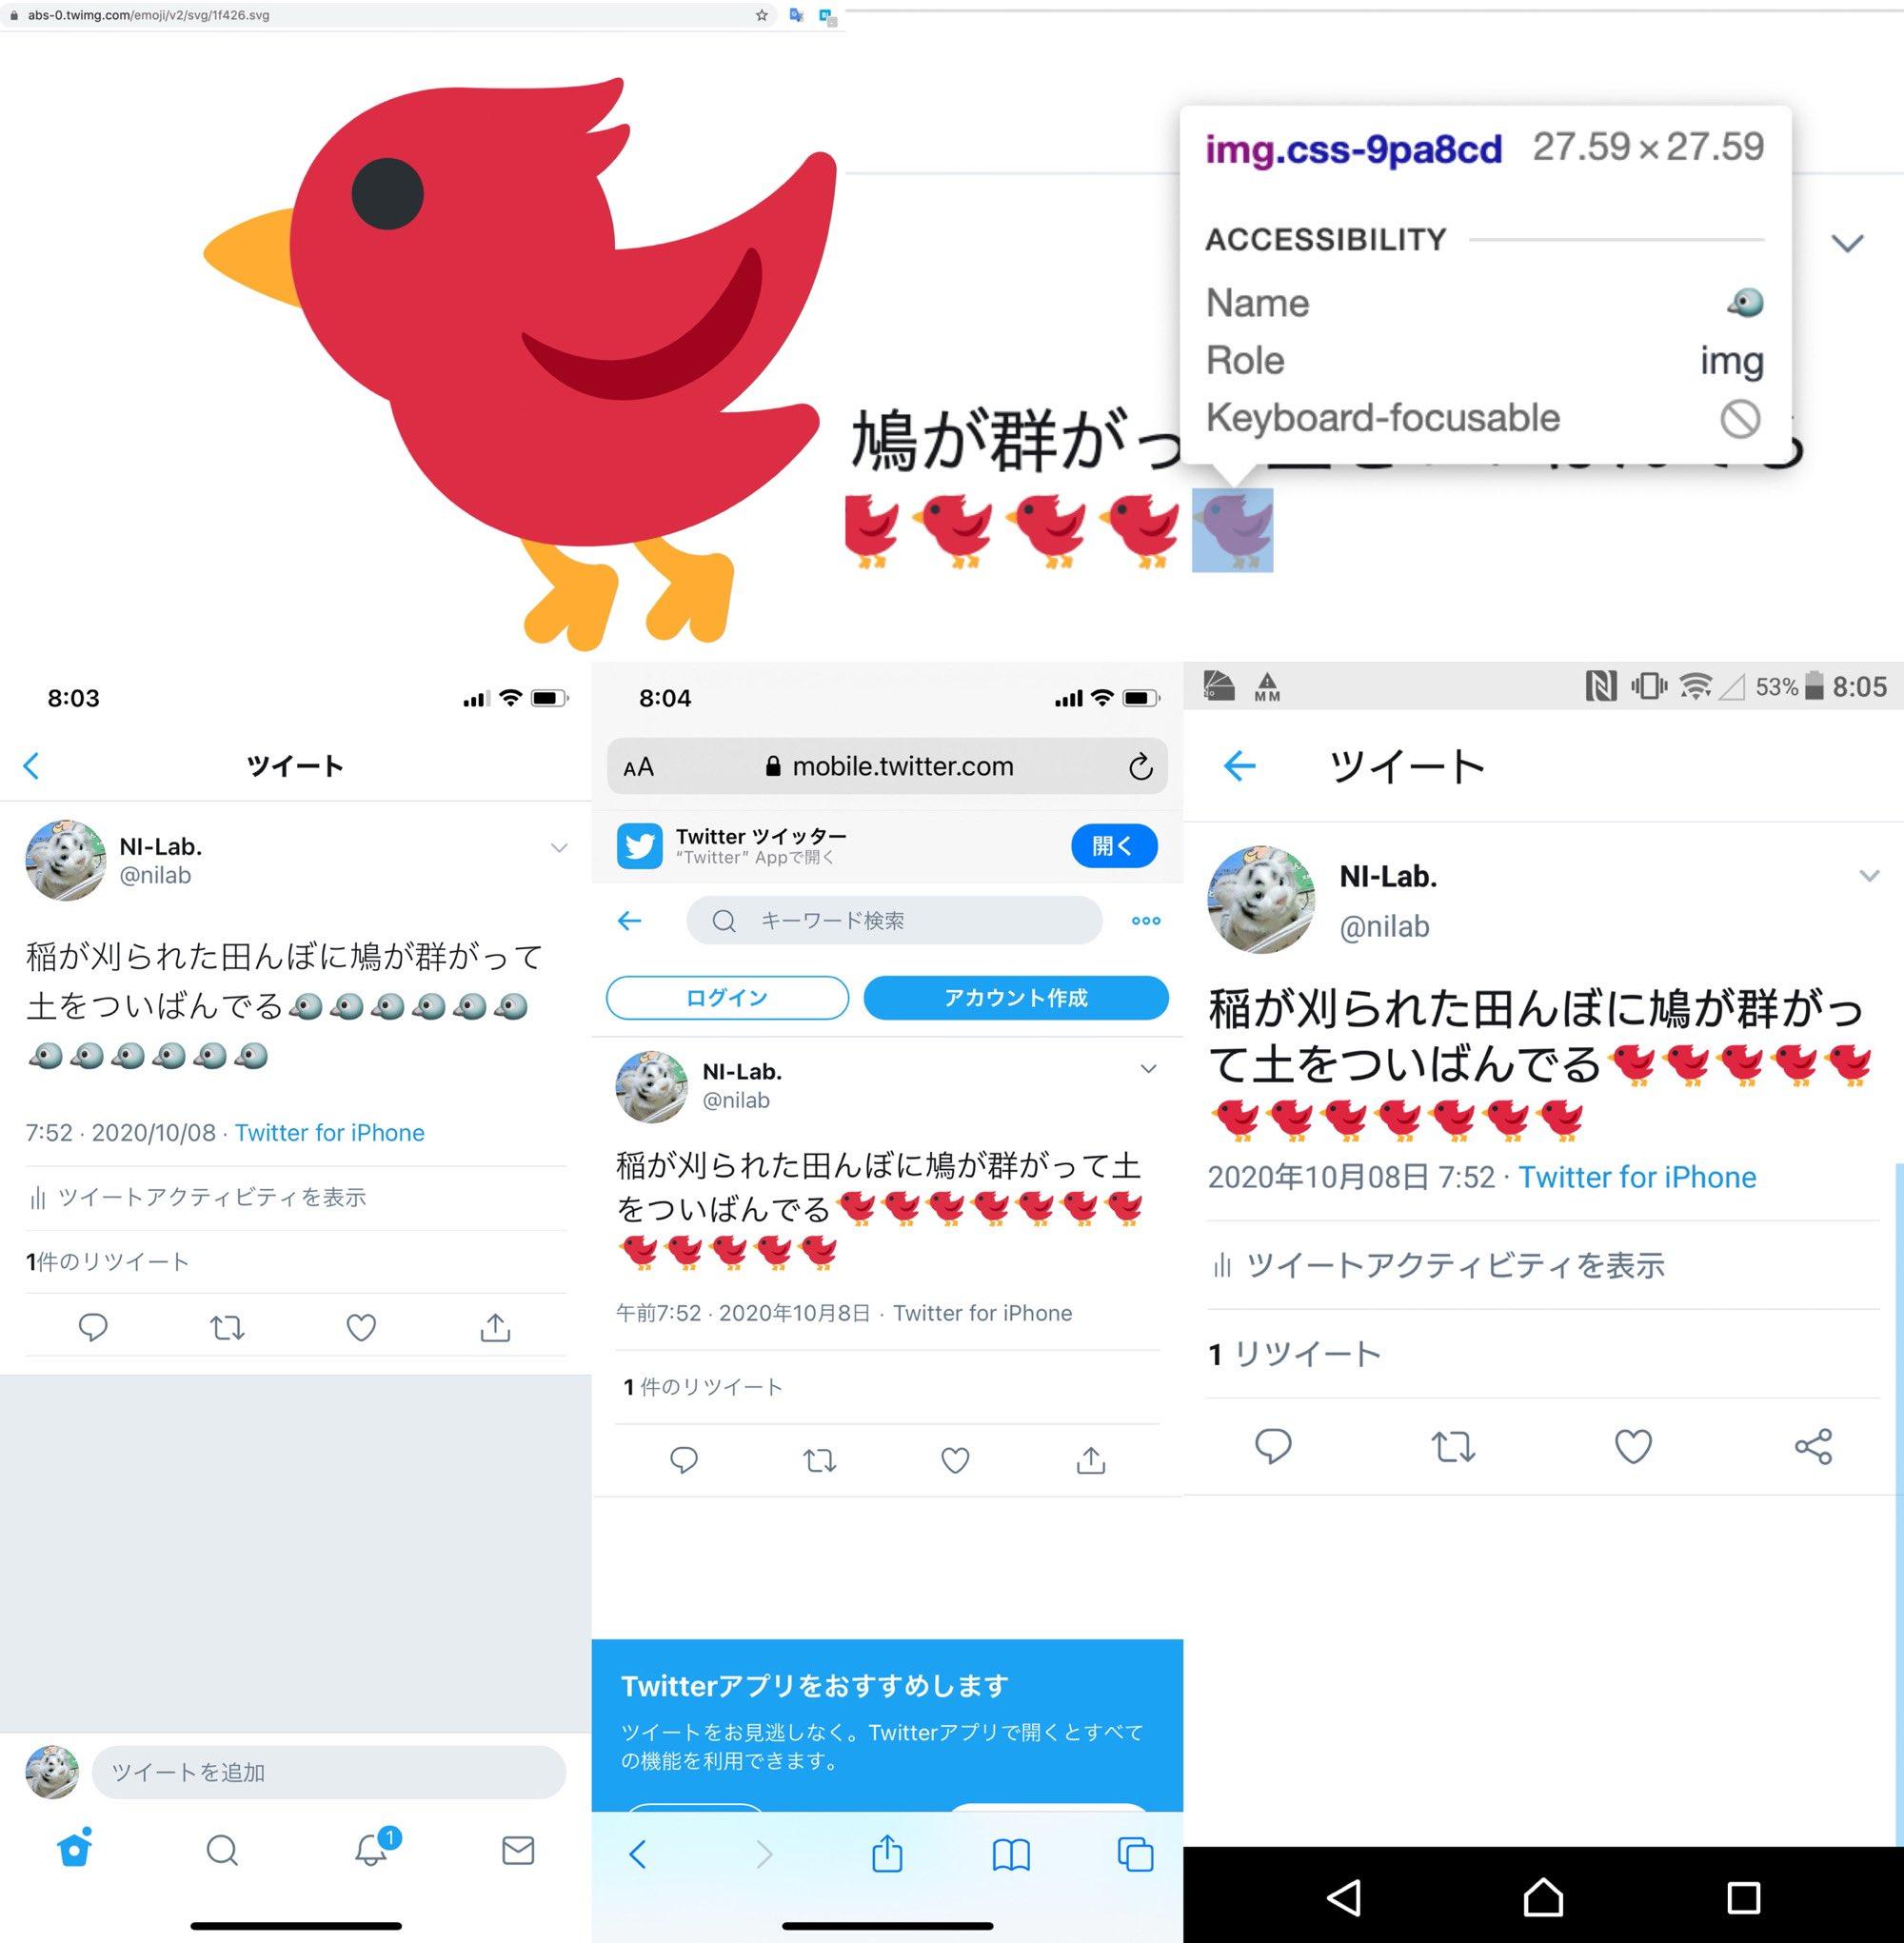 iOS アプリ、iOS Safari、Android アプリ。「はと」のつもりで入力した絵文字の見た目がけっこうちがう。調べてみたら Twitter Web は CSS で SVG 画像を当ててただけだった。鳥だから特別なのかも。Androidアプリが同じ鳥画像なのは、もしかしてWebViewでも使ってて処理を使い回してたりして。 https://t.co/phMjaum1KS